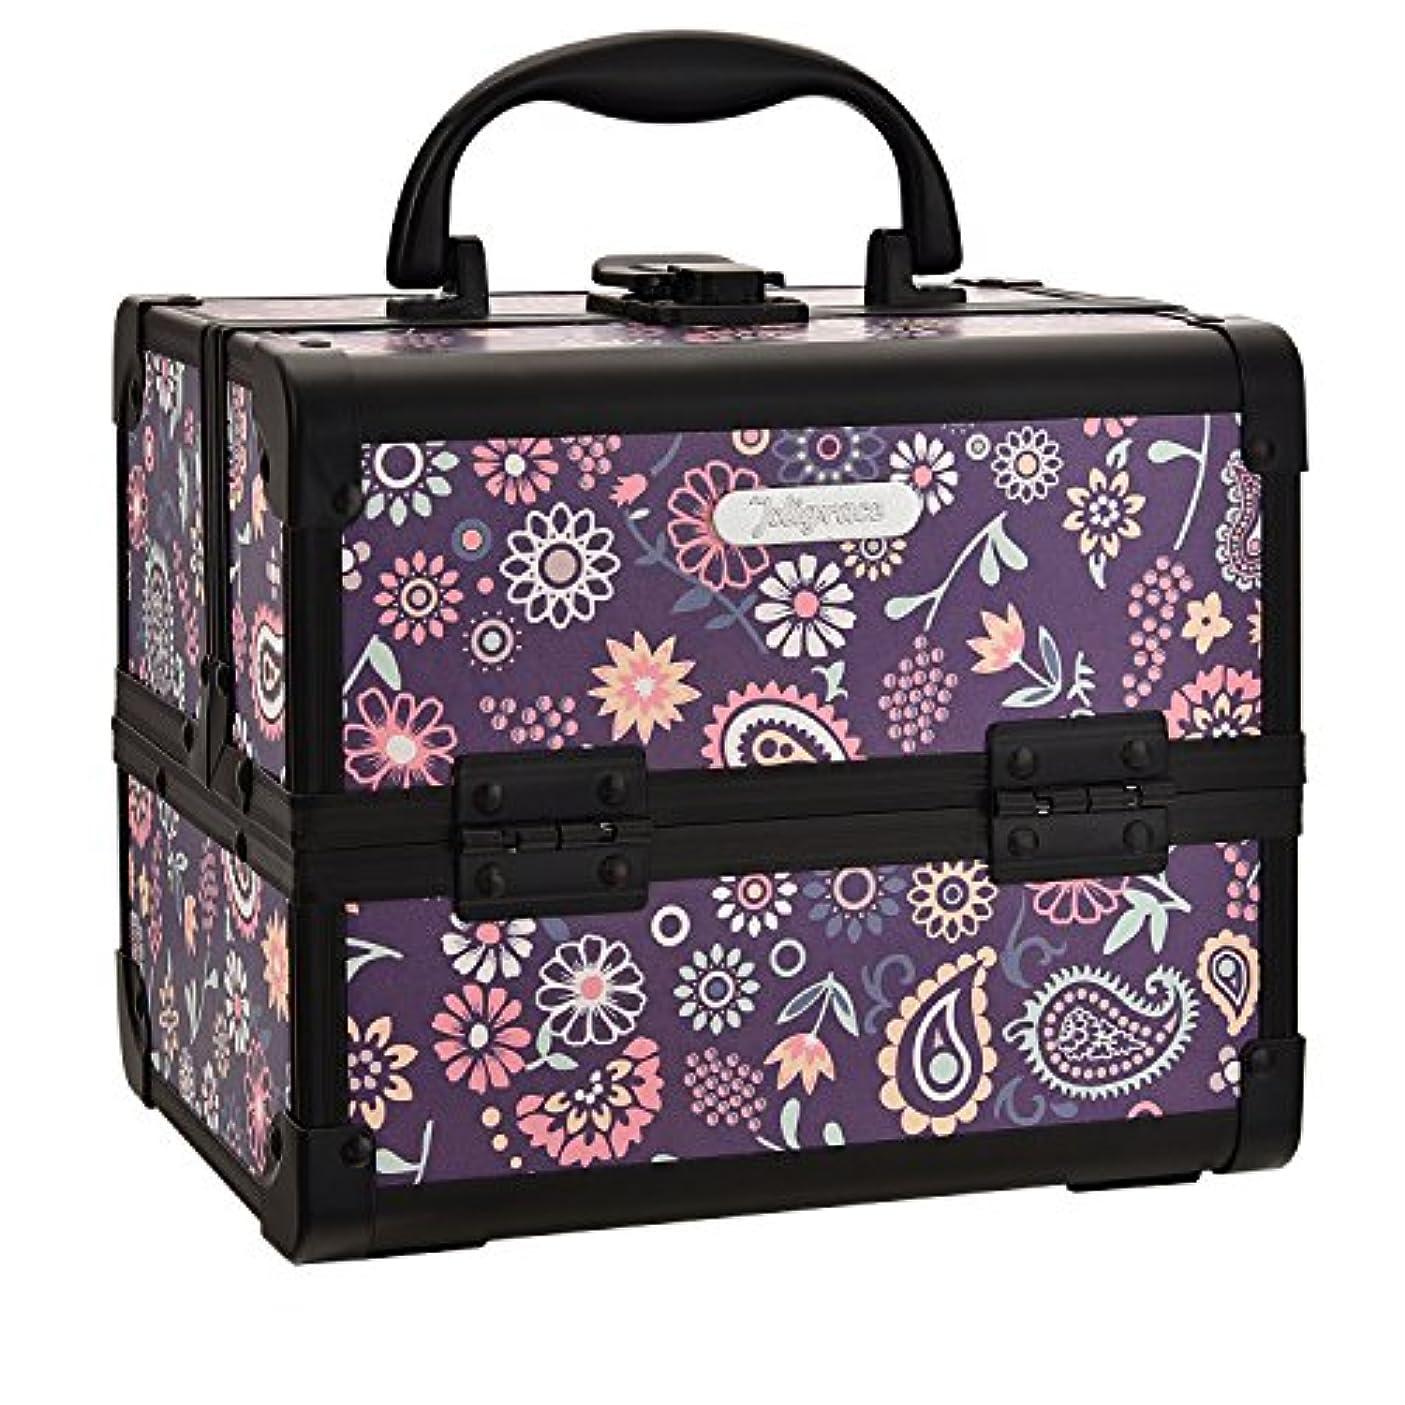 カール書くHapilife コスメボックス 鏡付き スライドトレイ メイク用品収納 プロ仕様 小型 化粧箱 ピンク(紫の花)